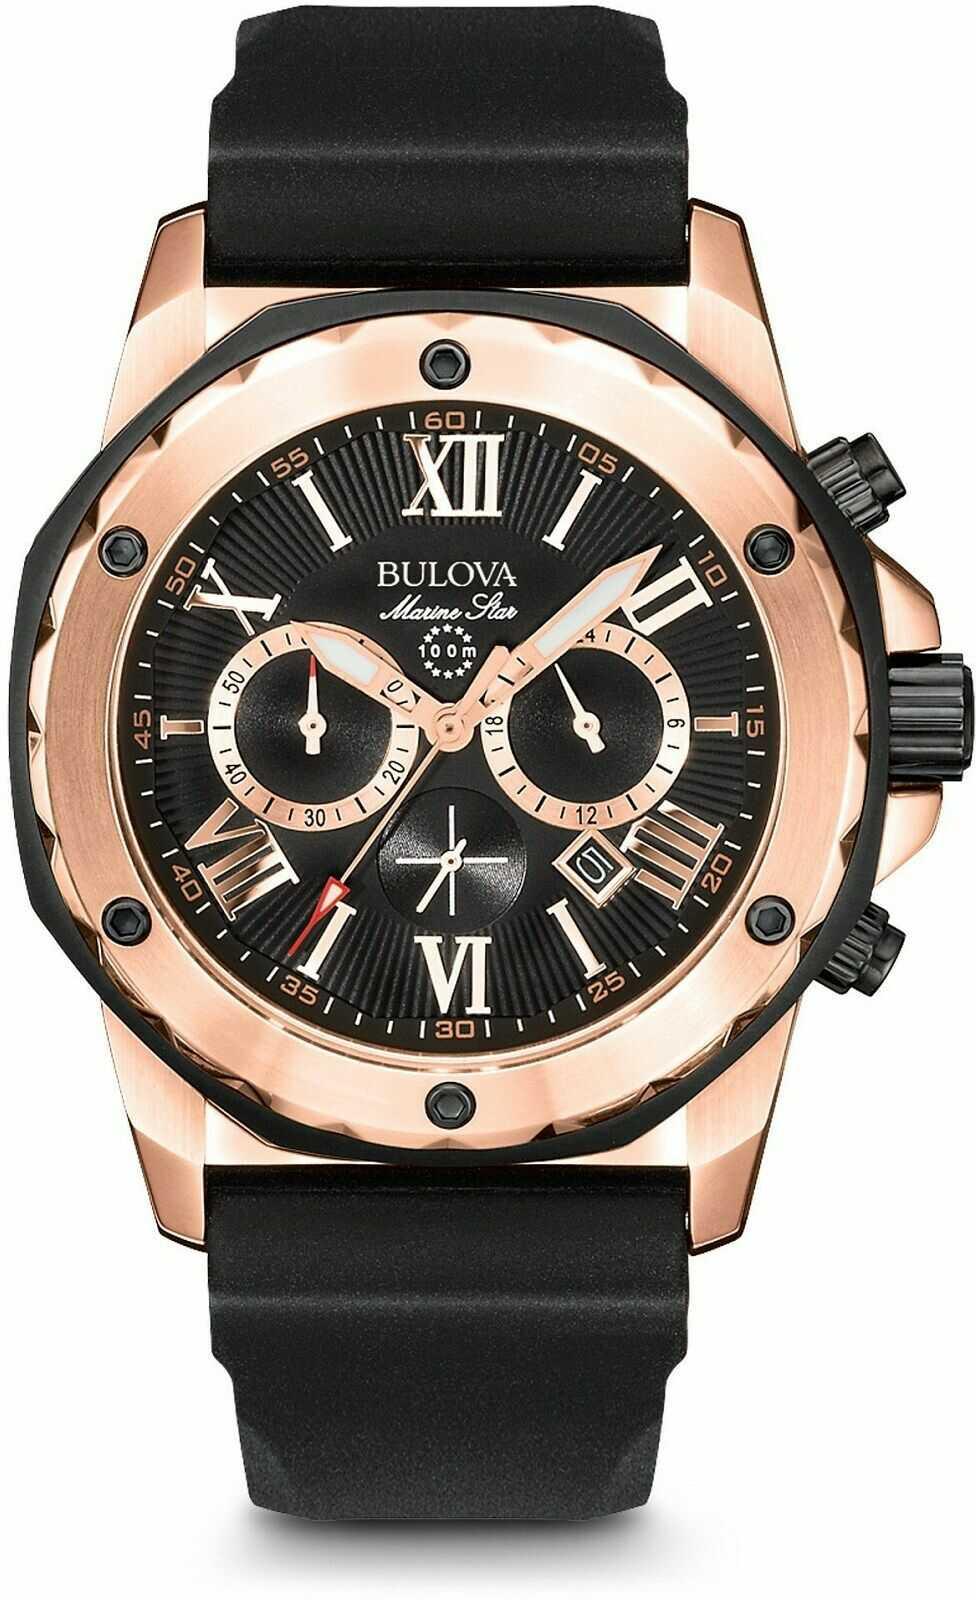 Zegarek męski Bulova Marine Star Chronograph